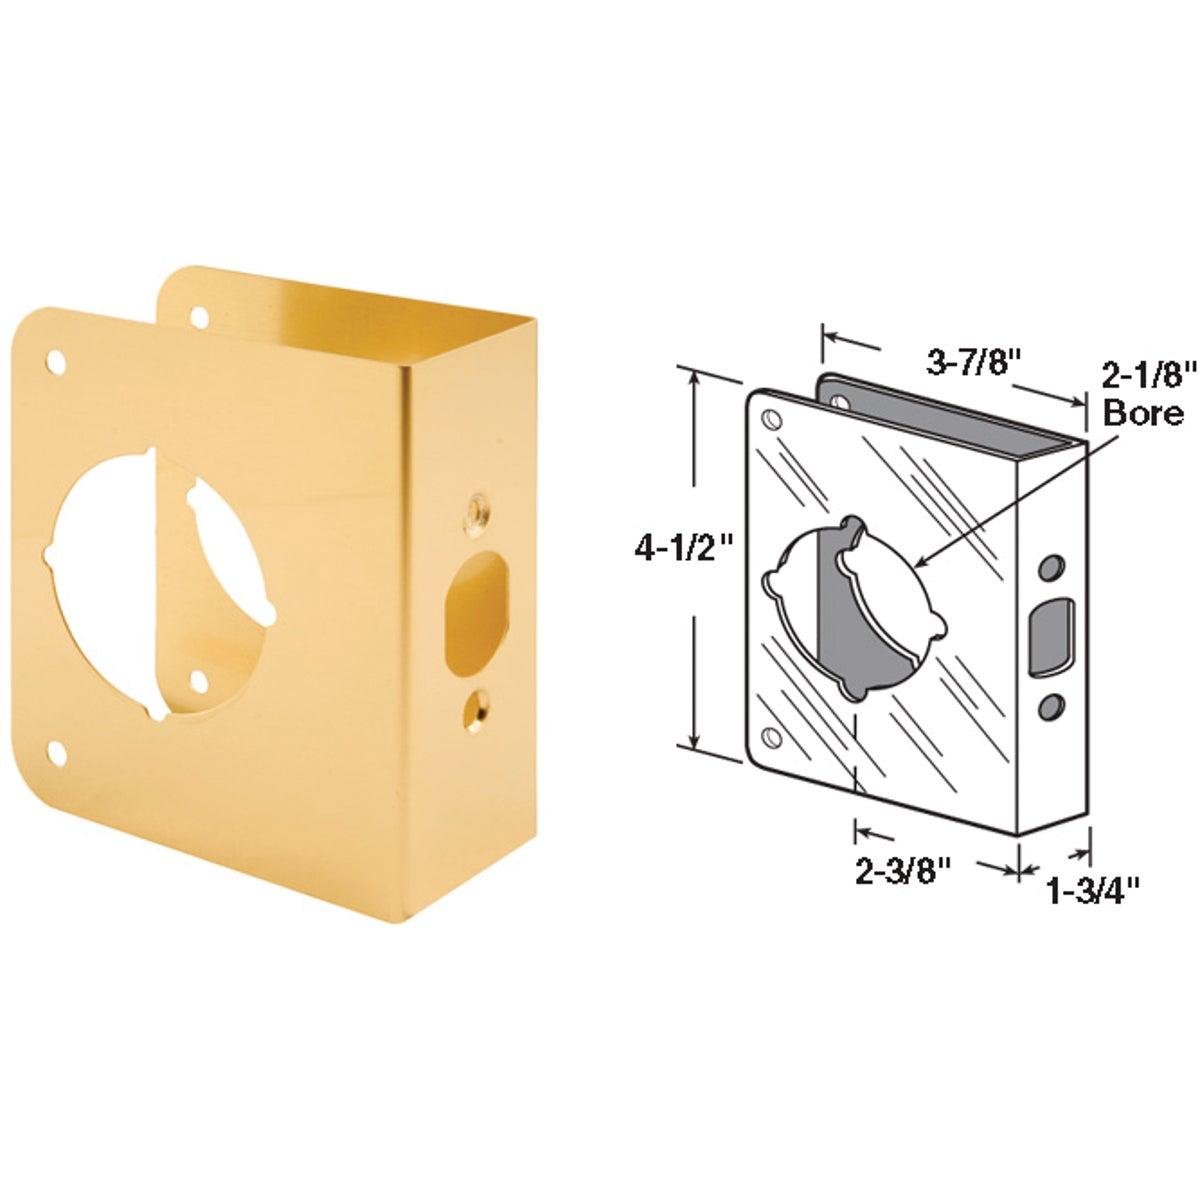 Defender Security 1-3/4 In. x 2-3/8 In. Brass Door Reinforcer